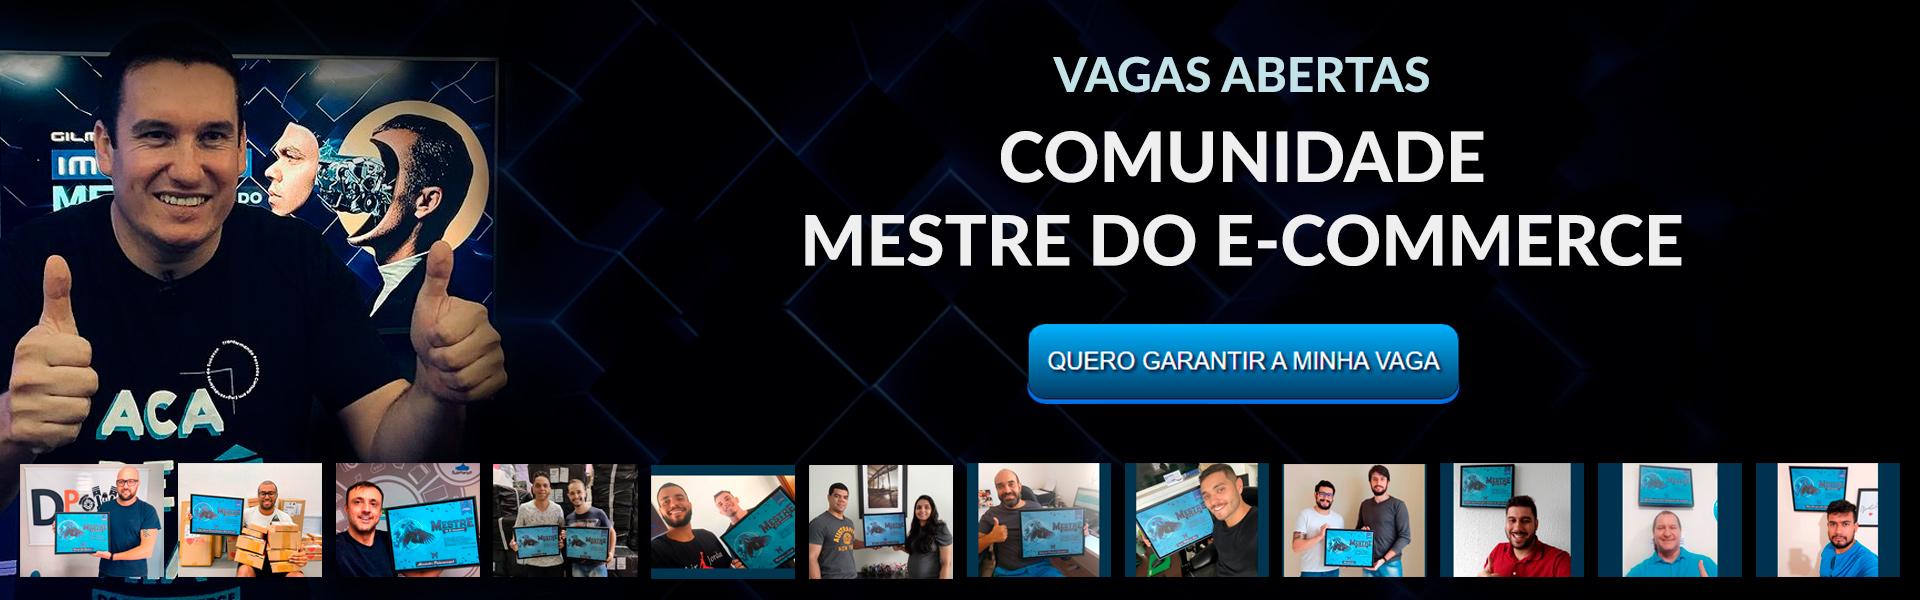 Banner Comunidade Mestre do Ecommerce. Vagas abertas